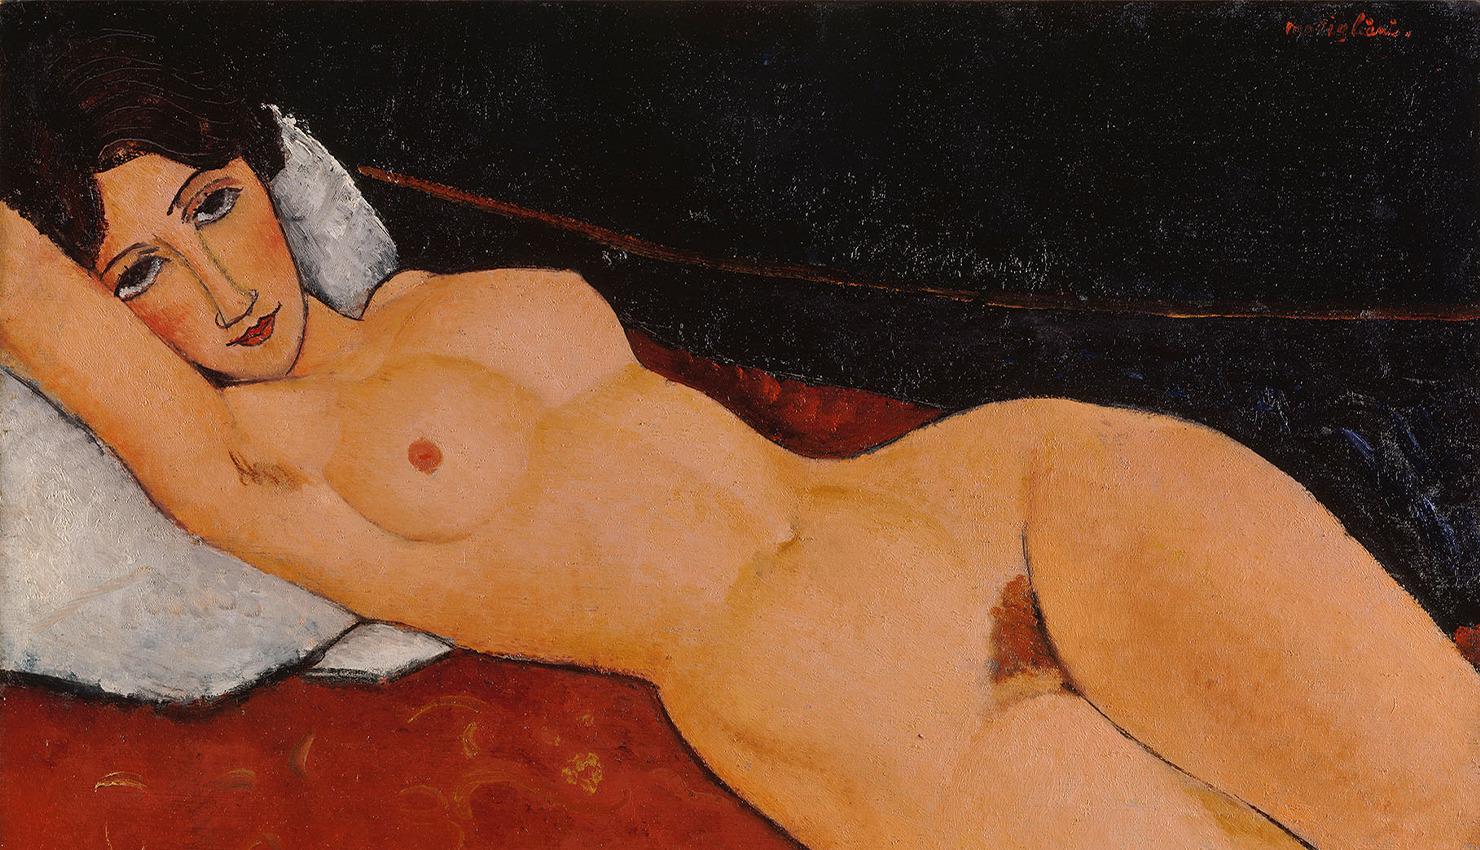 arte-septiembre-Highlights-amedeo-modigliani-magazinehorse